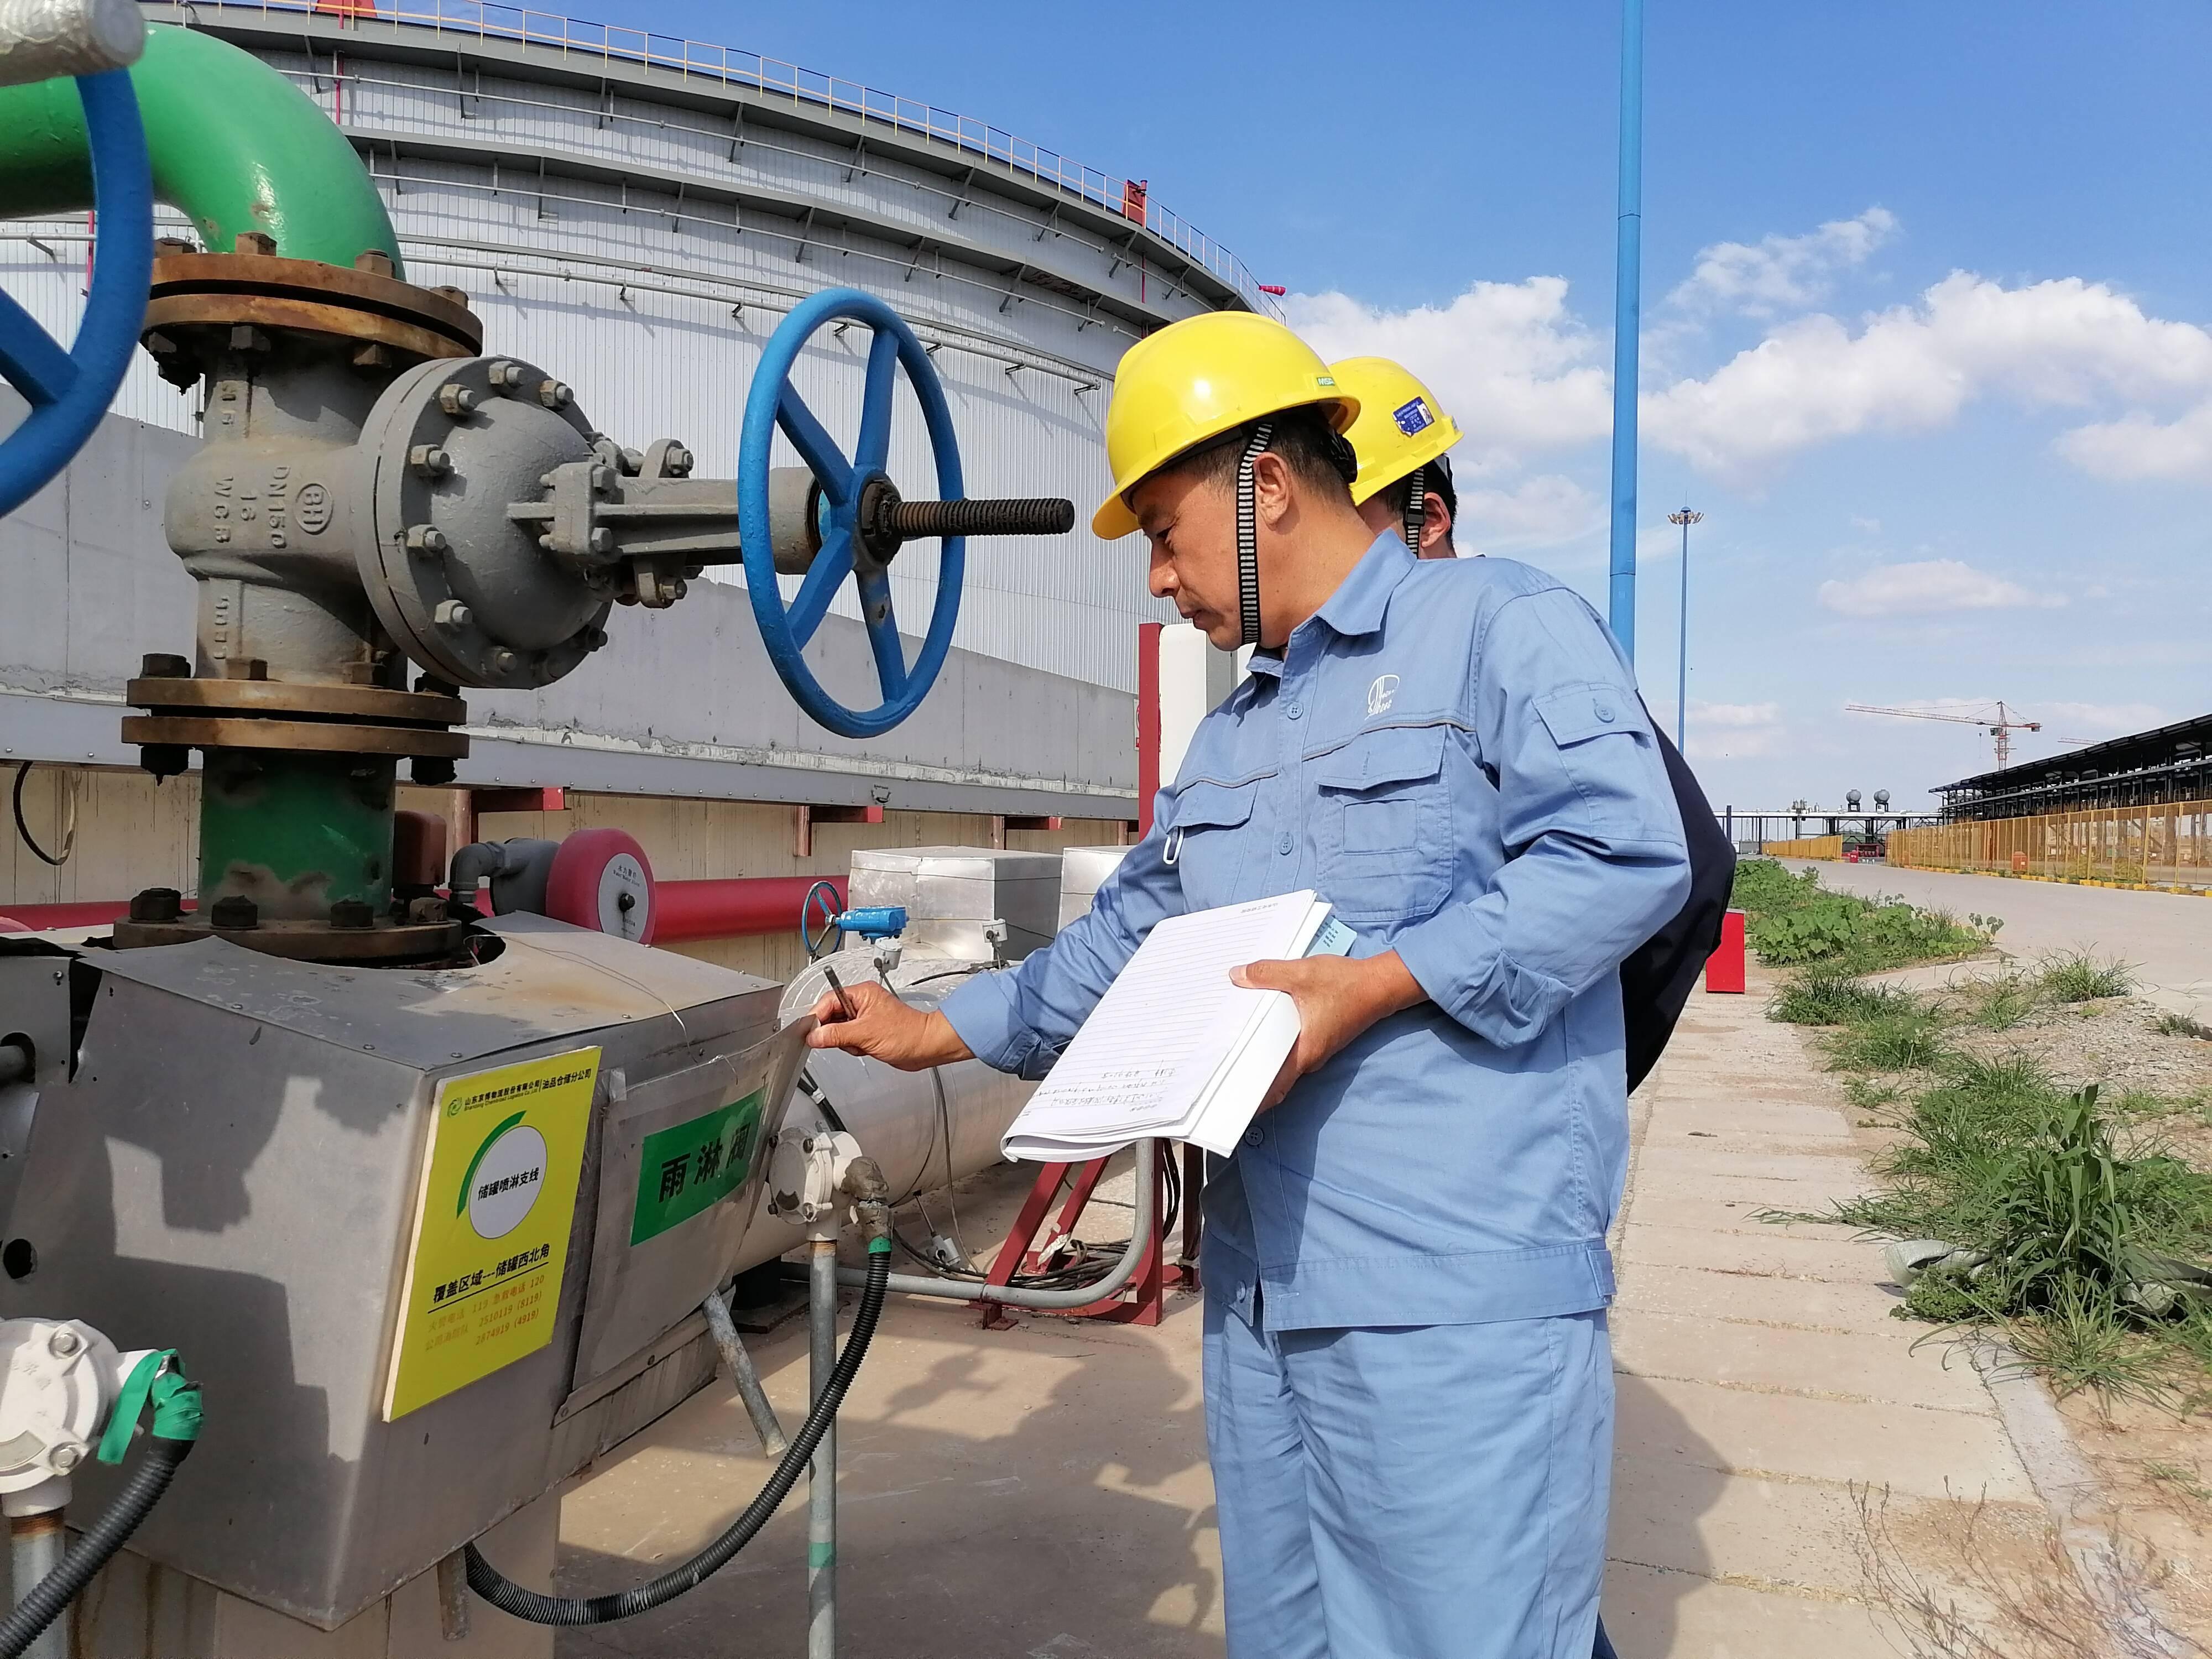 山东开展大型油气储存基地深度评估 综合评定危险等级 强化安全风险辨识管控